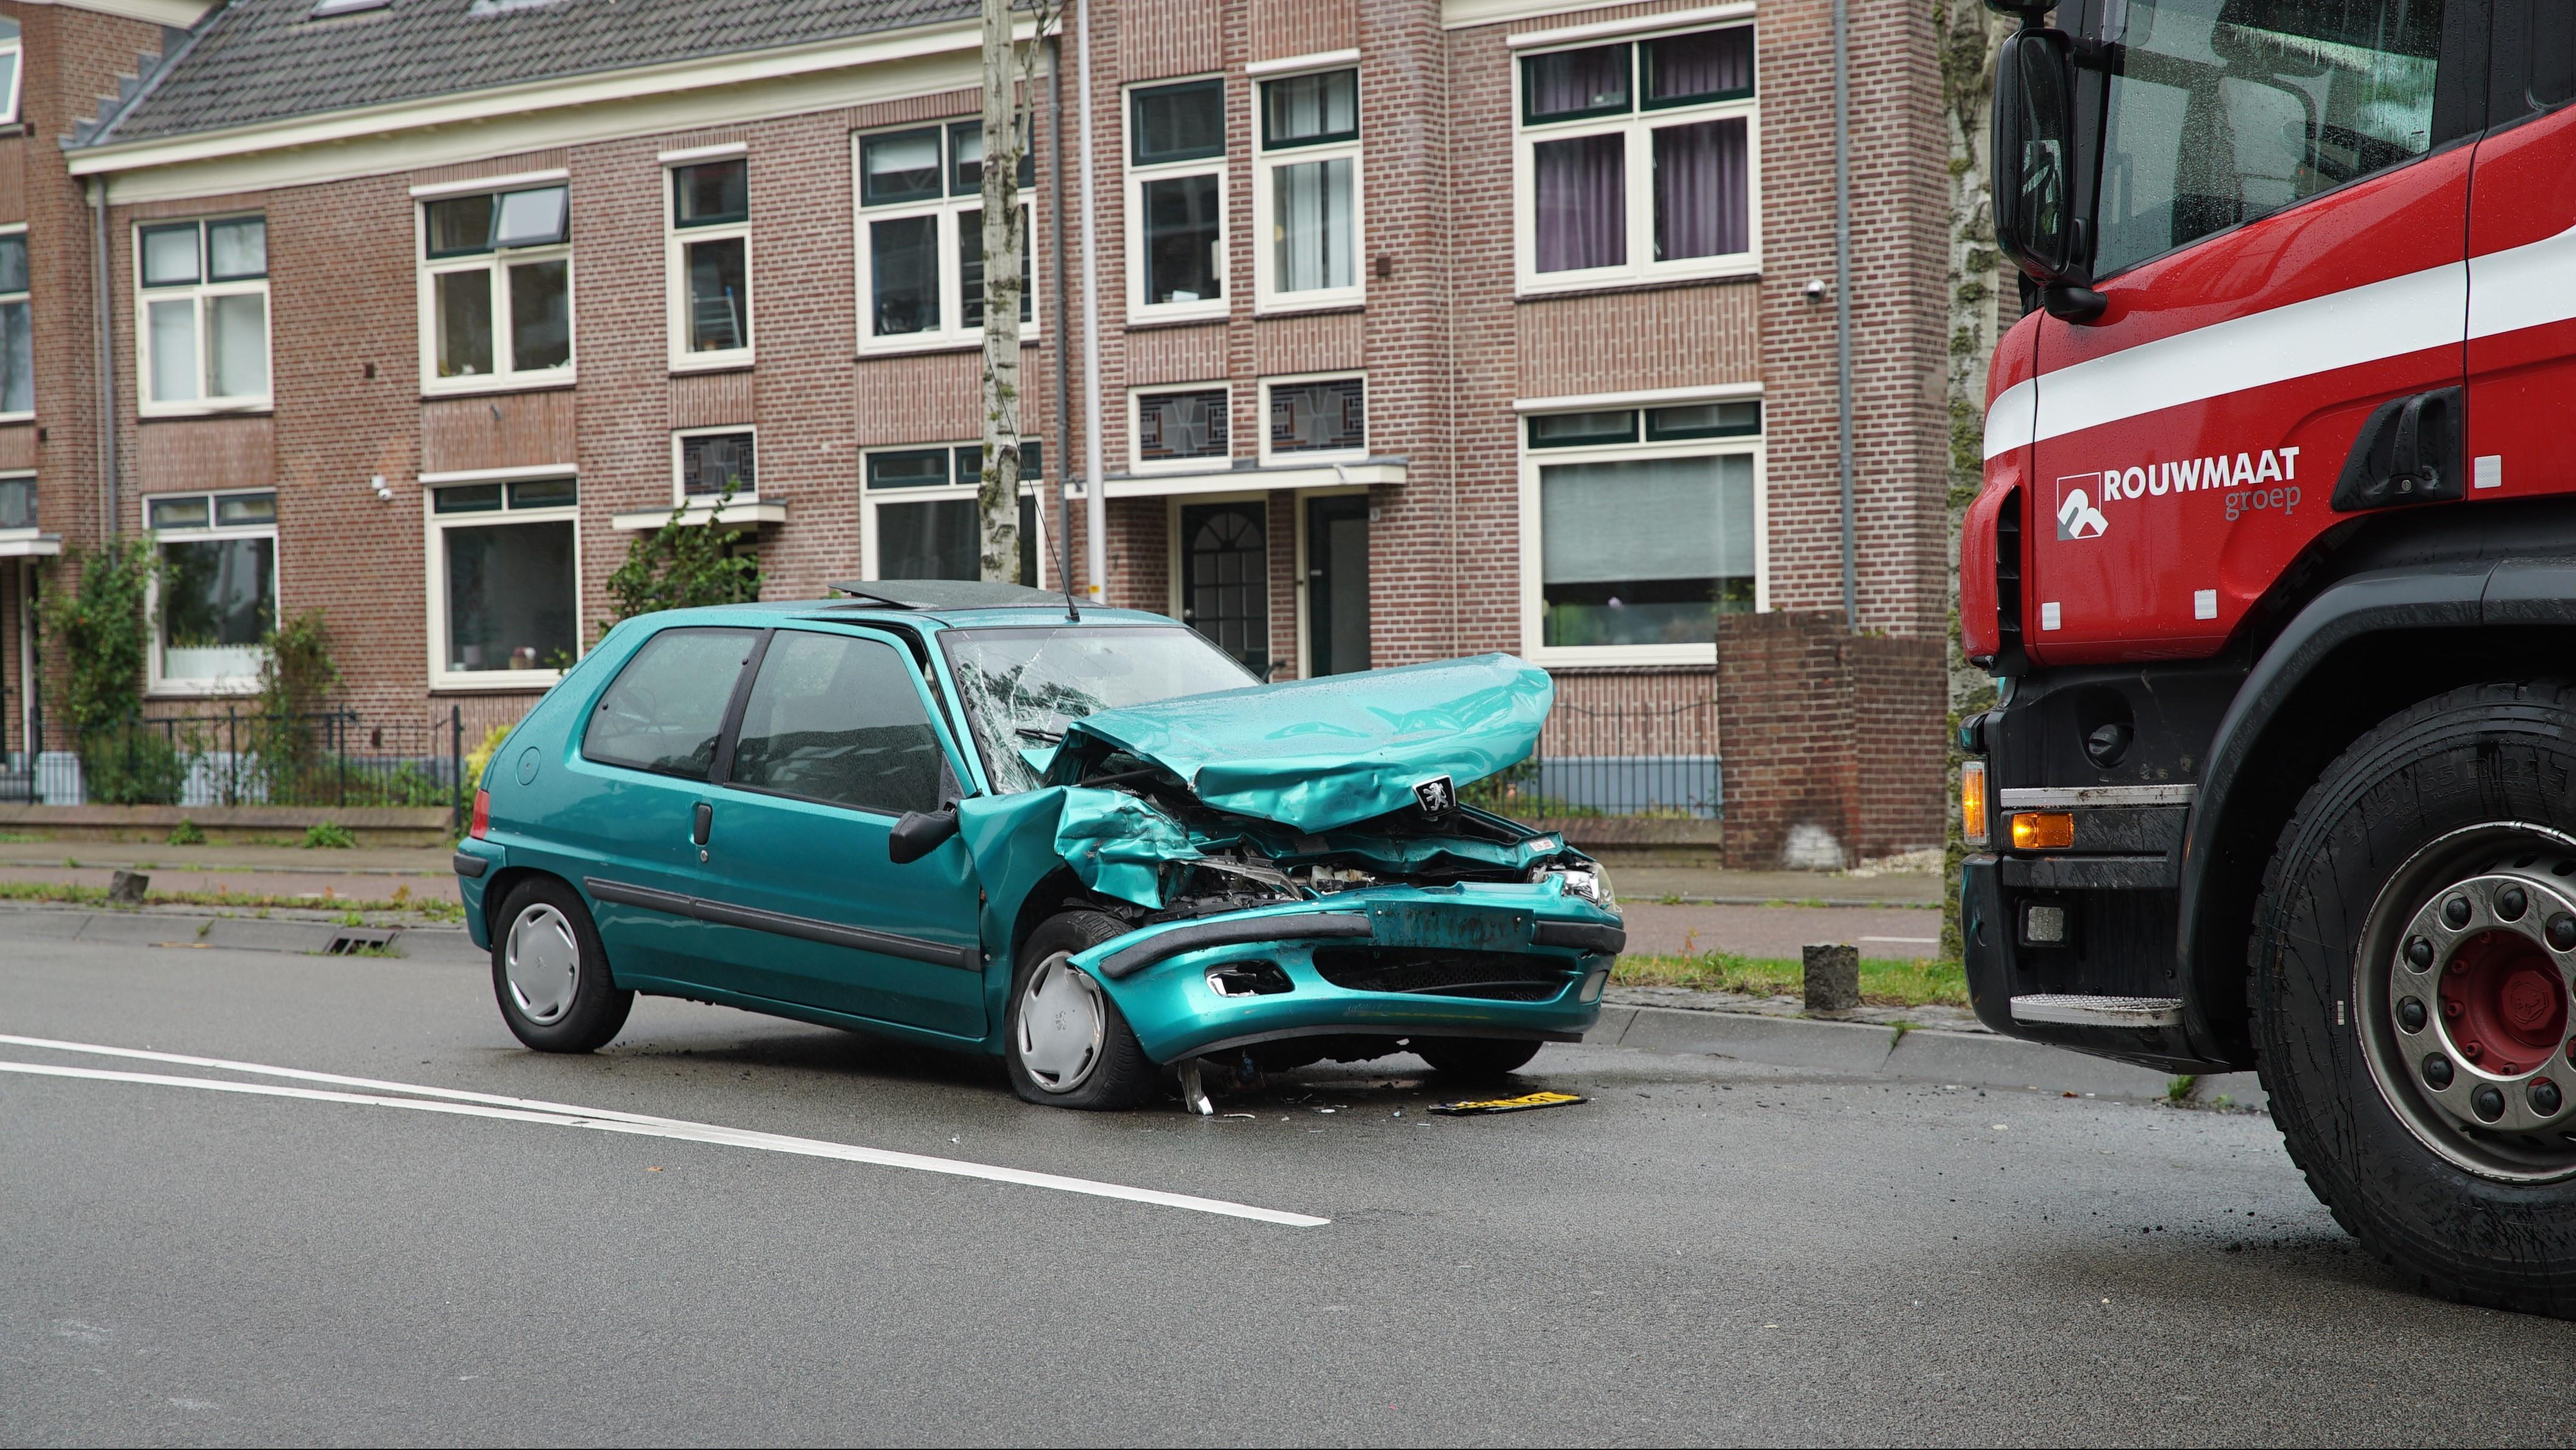 Auto total loss na frontale botsing met vrachtwagen in Deventer.